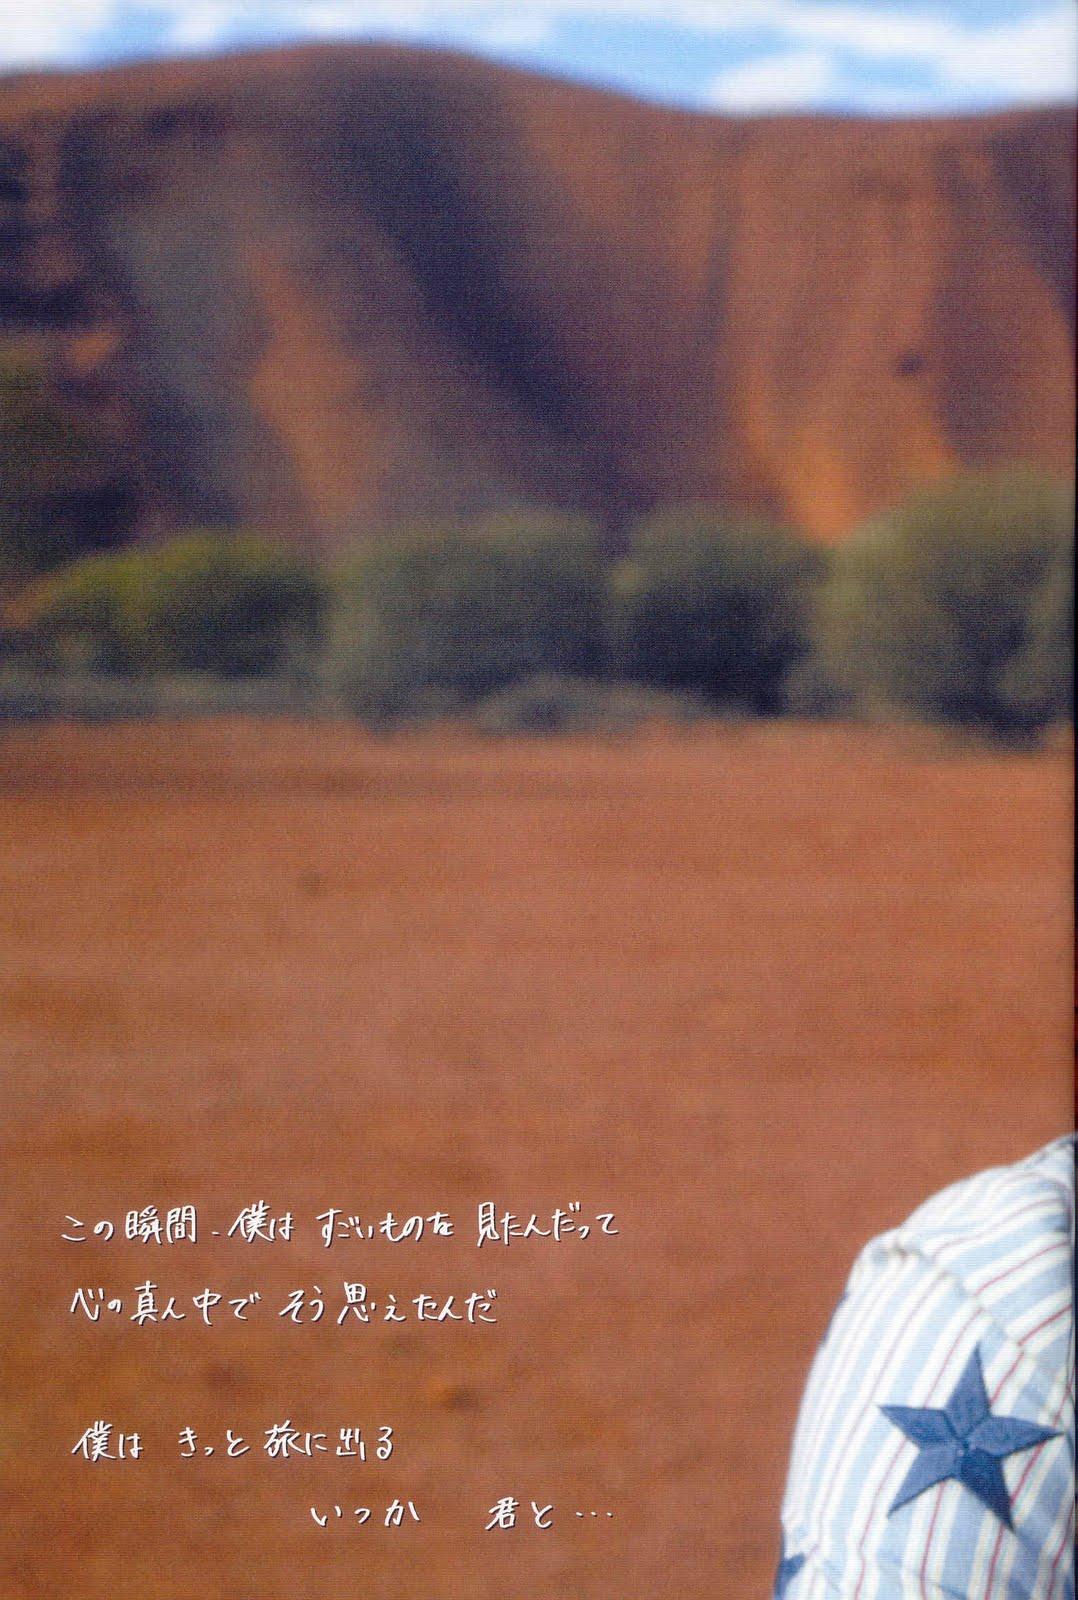 Miura Haruma MH-L-081